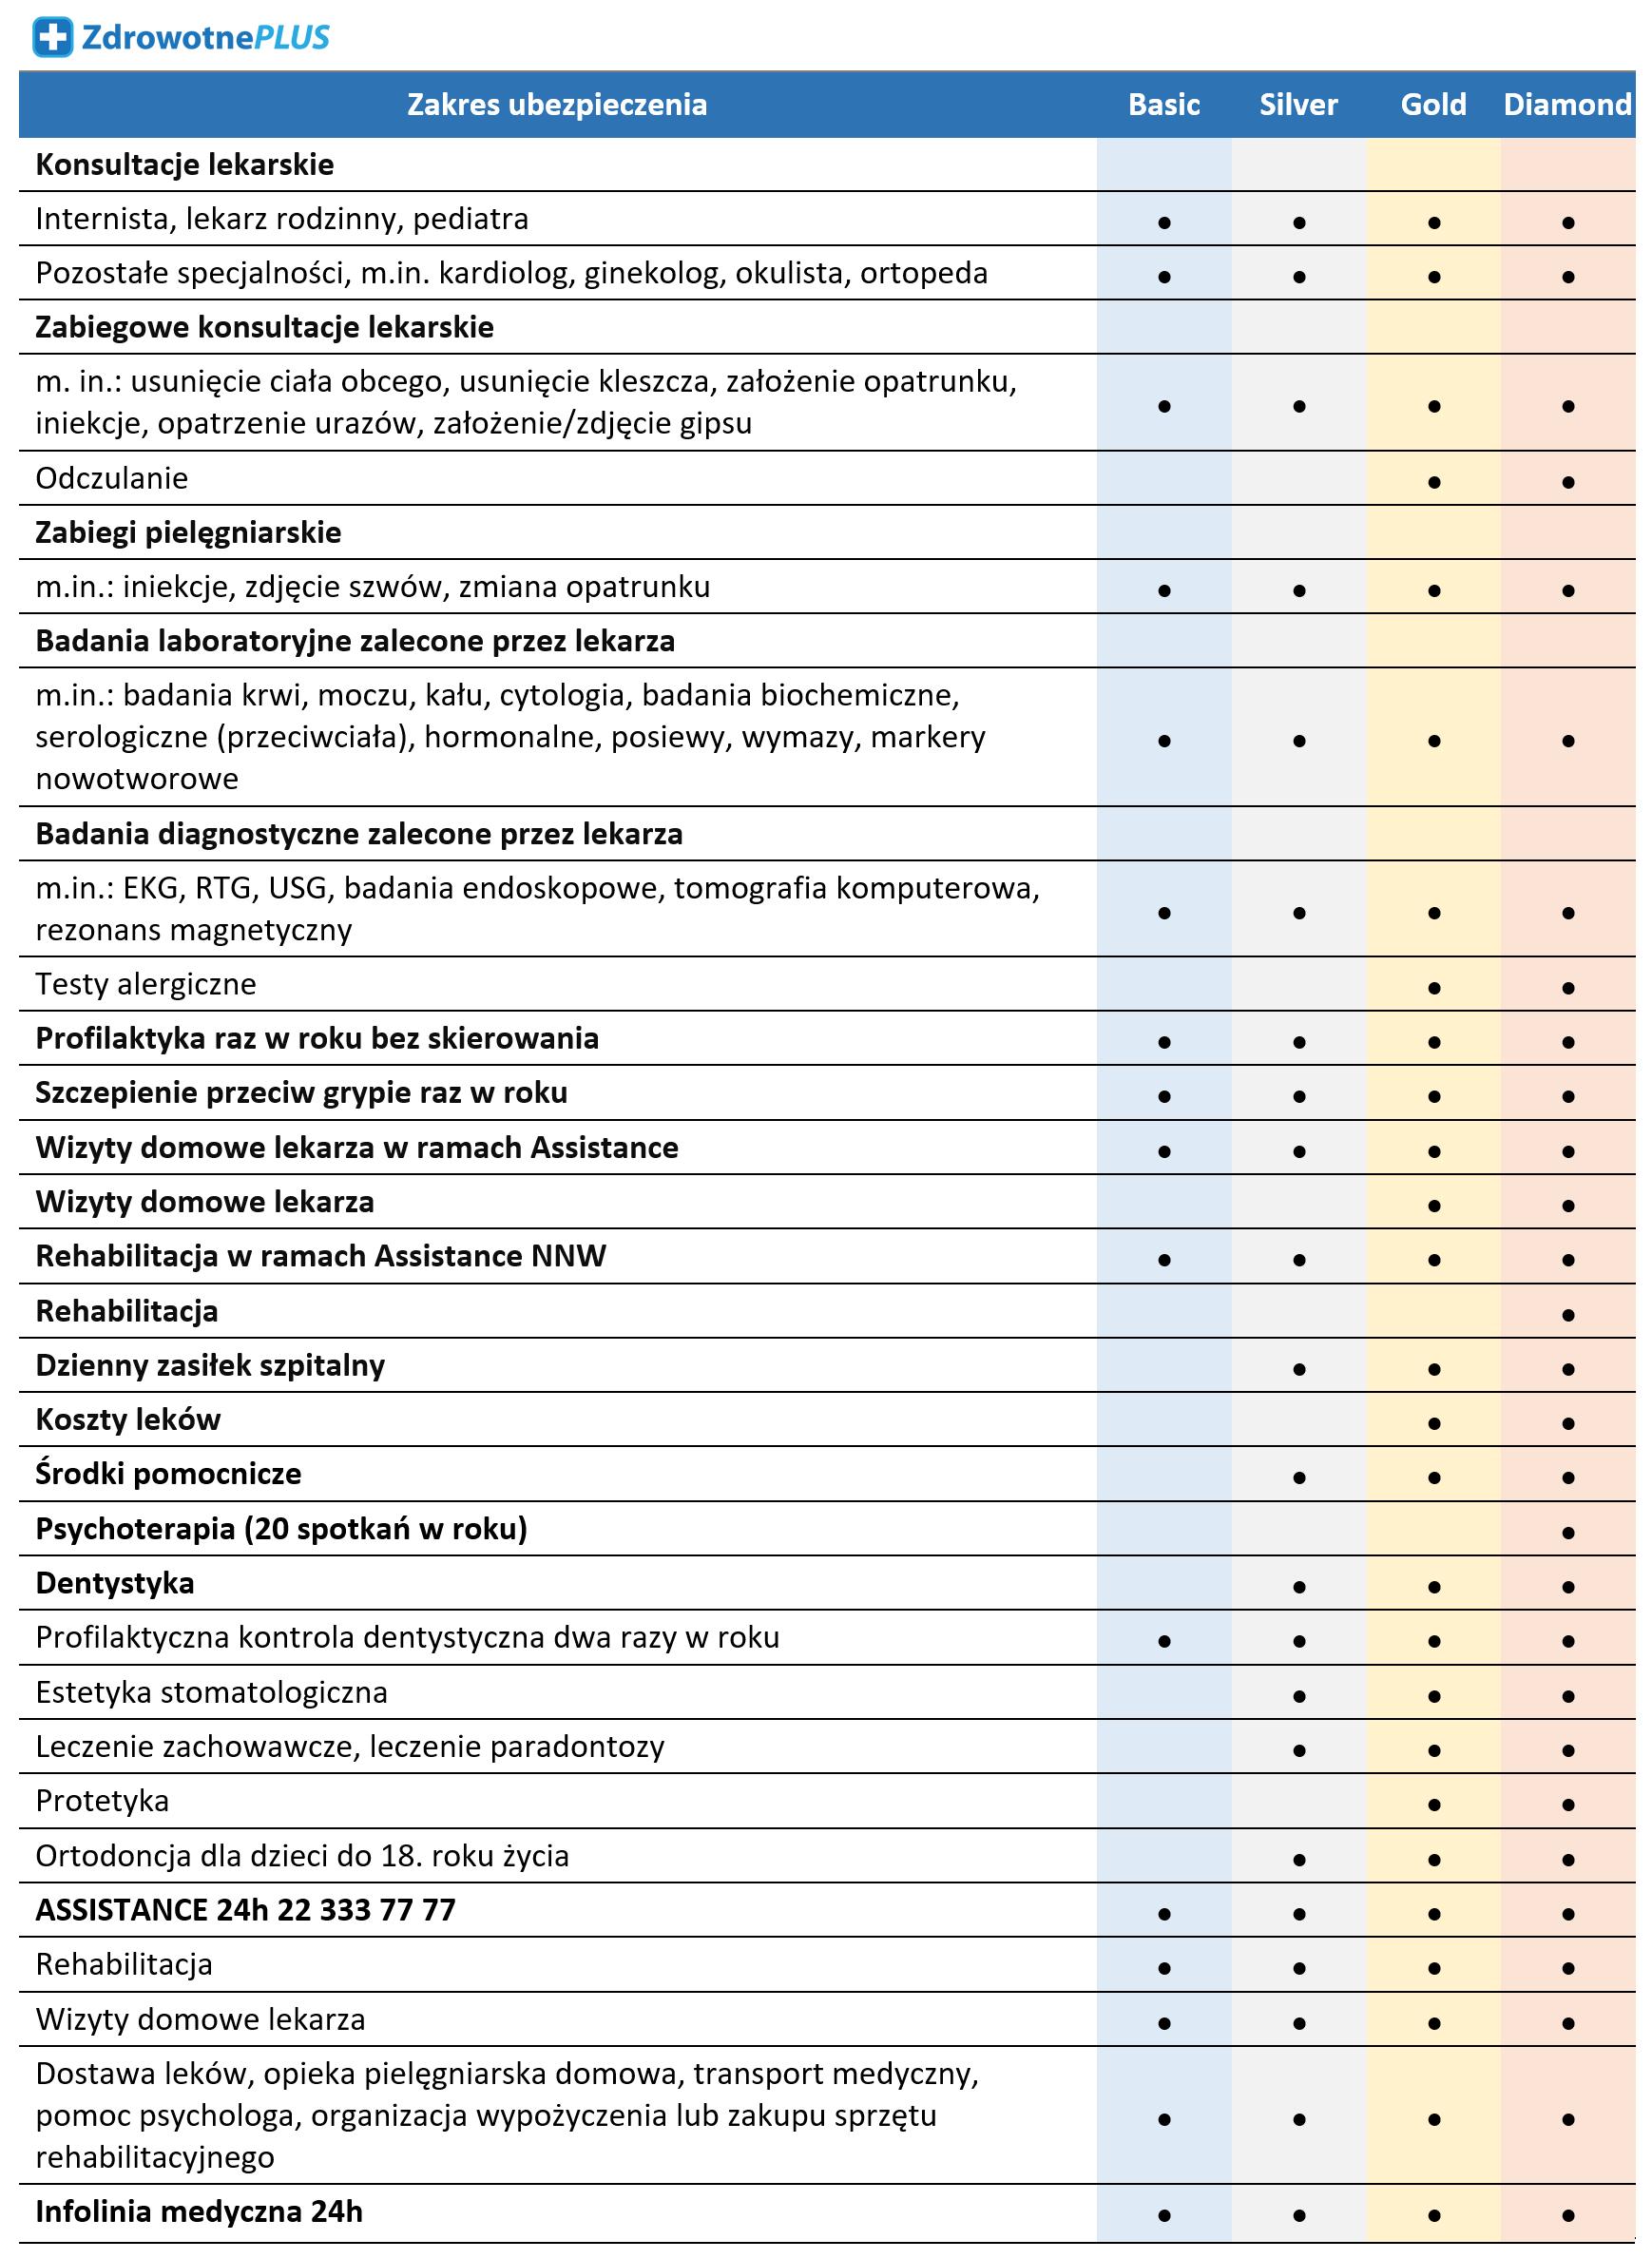 Zakres ubezpieczenia zdrowotnego Vision